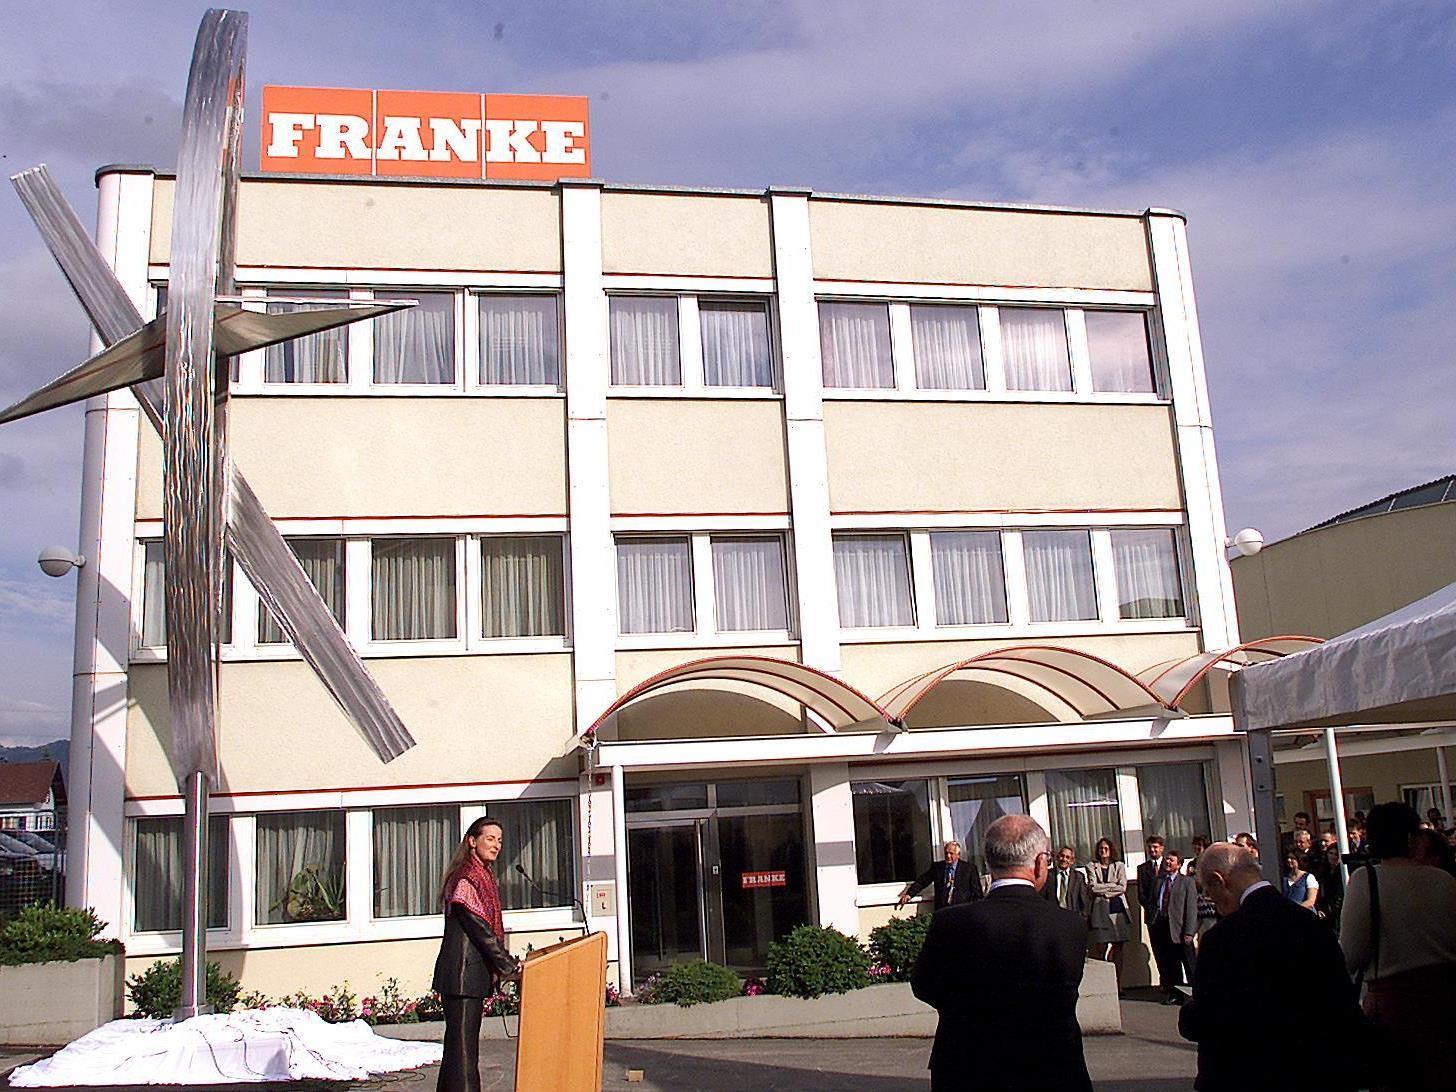 Bessere Zeiten: Zum 40-jährigen Jubiläum wurde noch eine Edelstahlskulptur vor der Firmenzentrale eingeweiht.